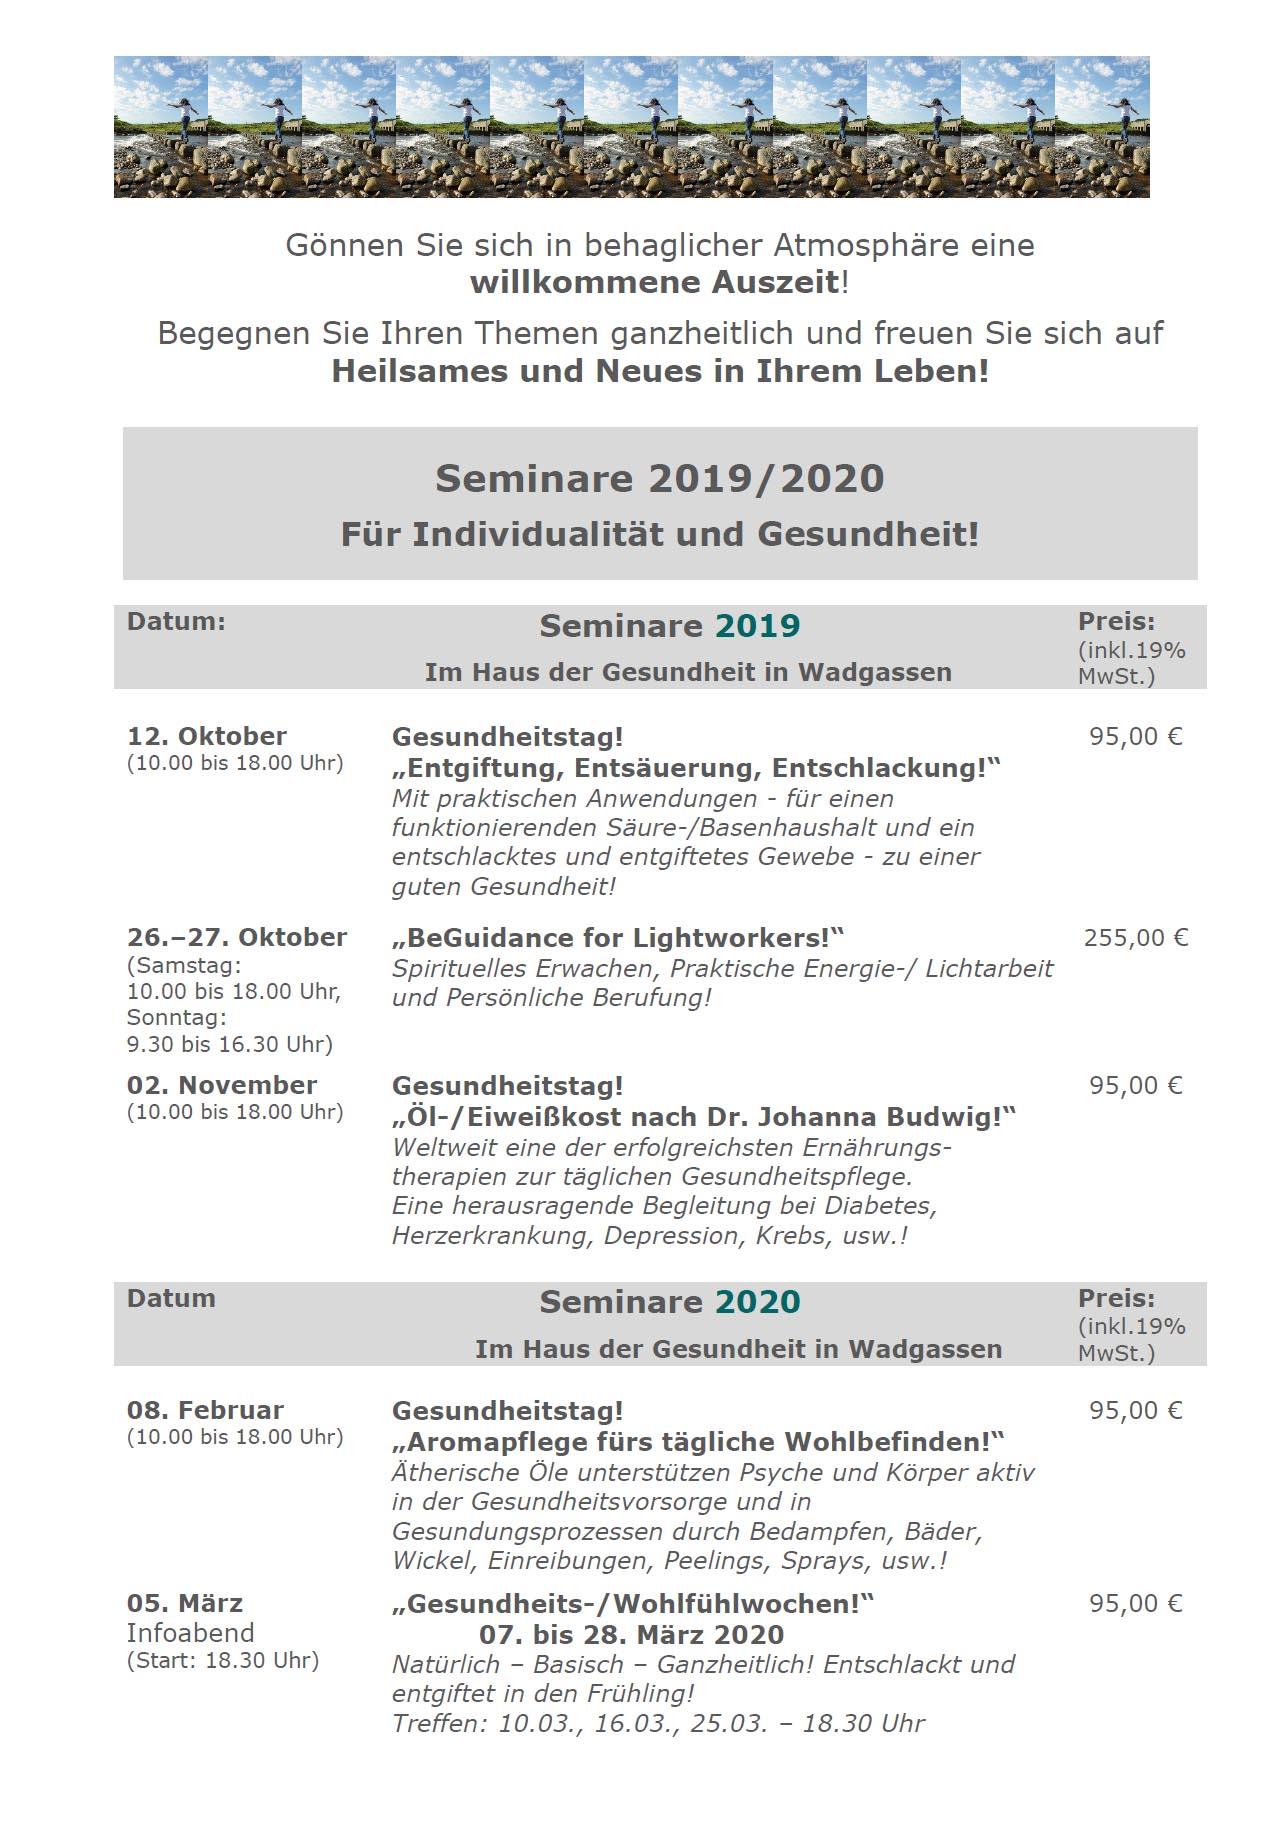 Seminartermine 2019 und 2020